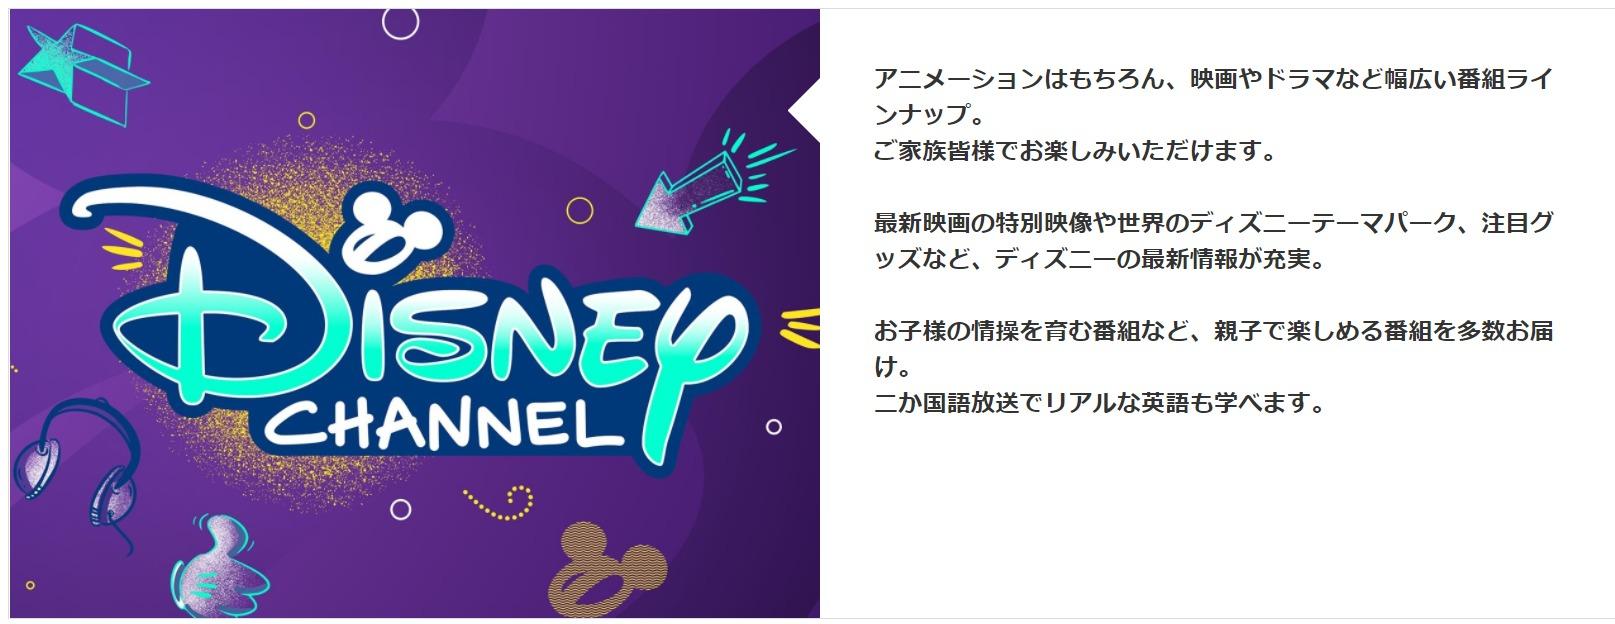 公式 チャンネル ディズニー